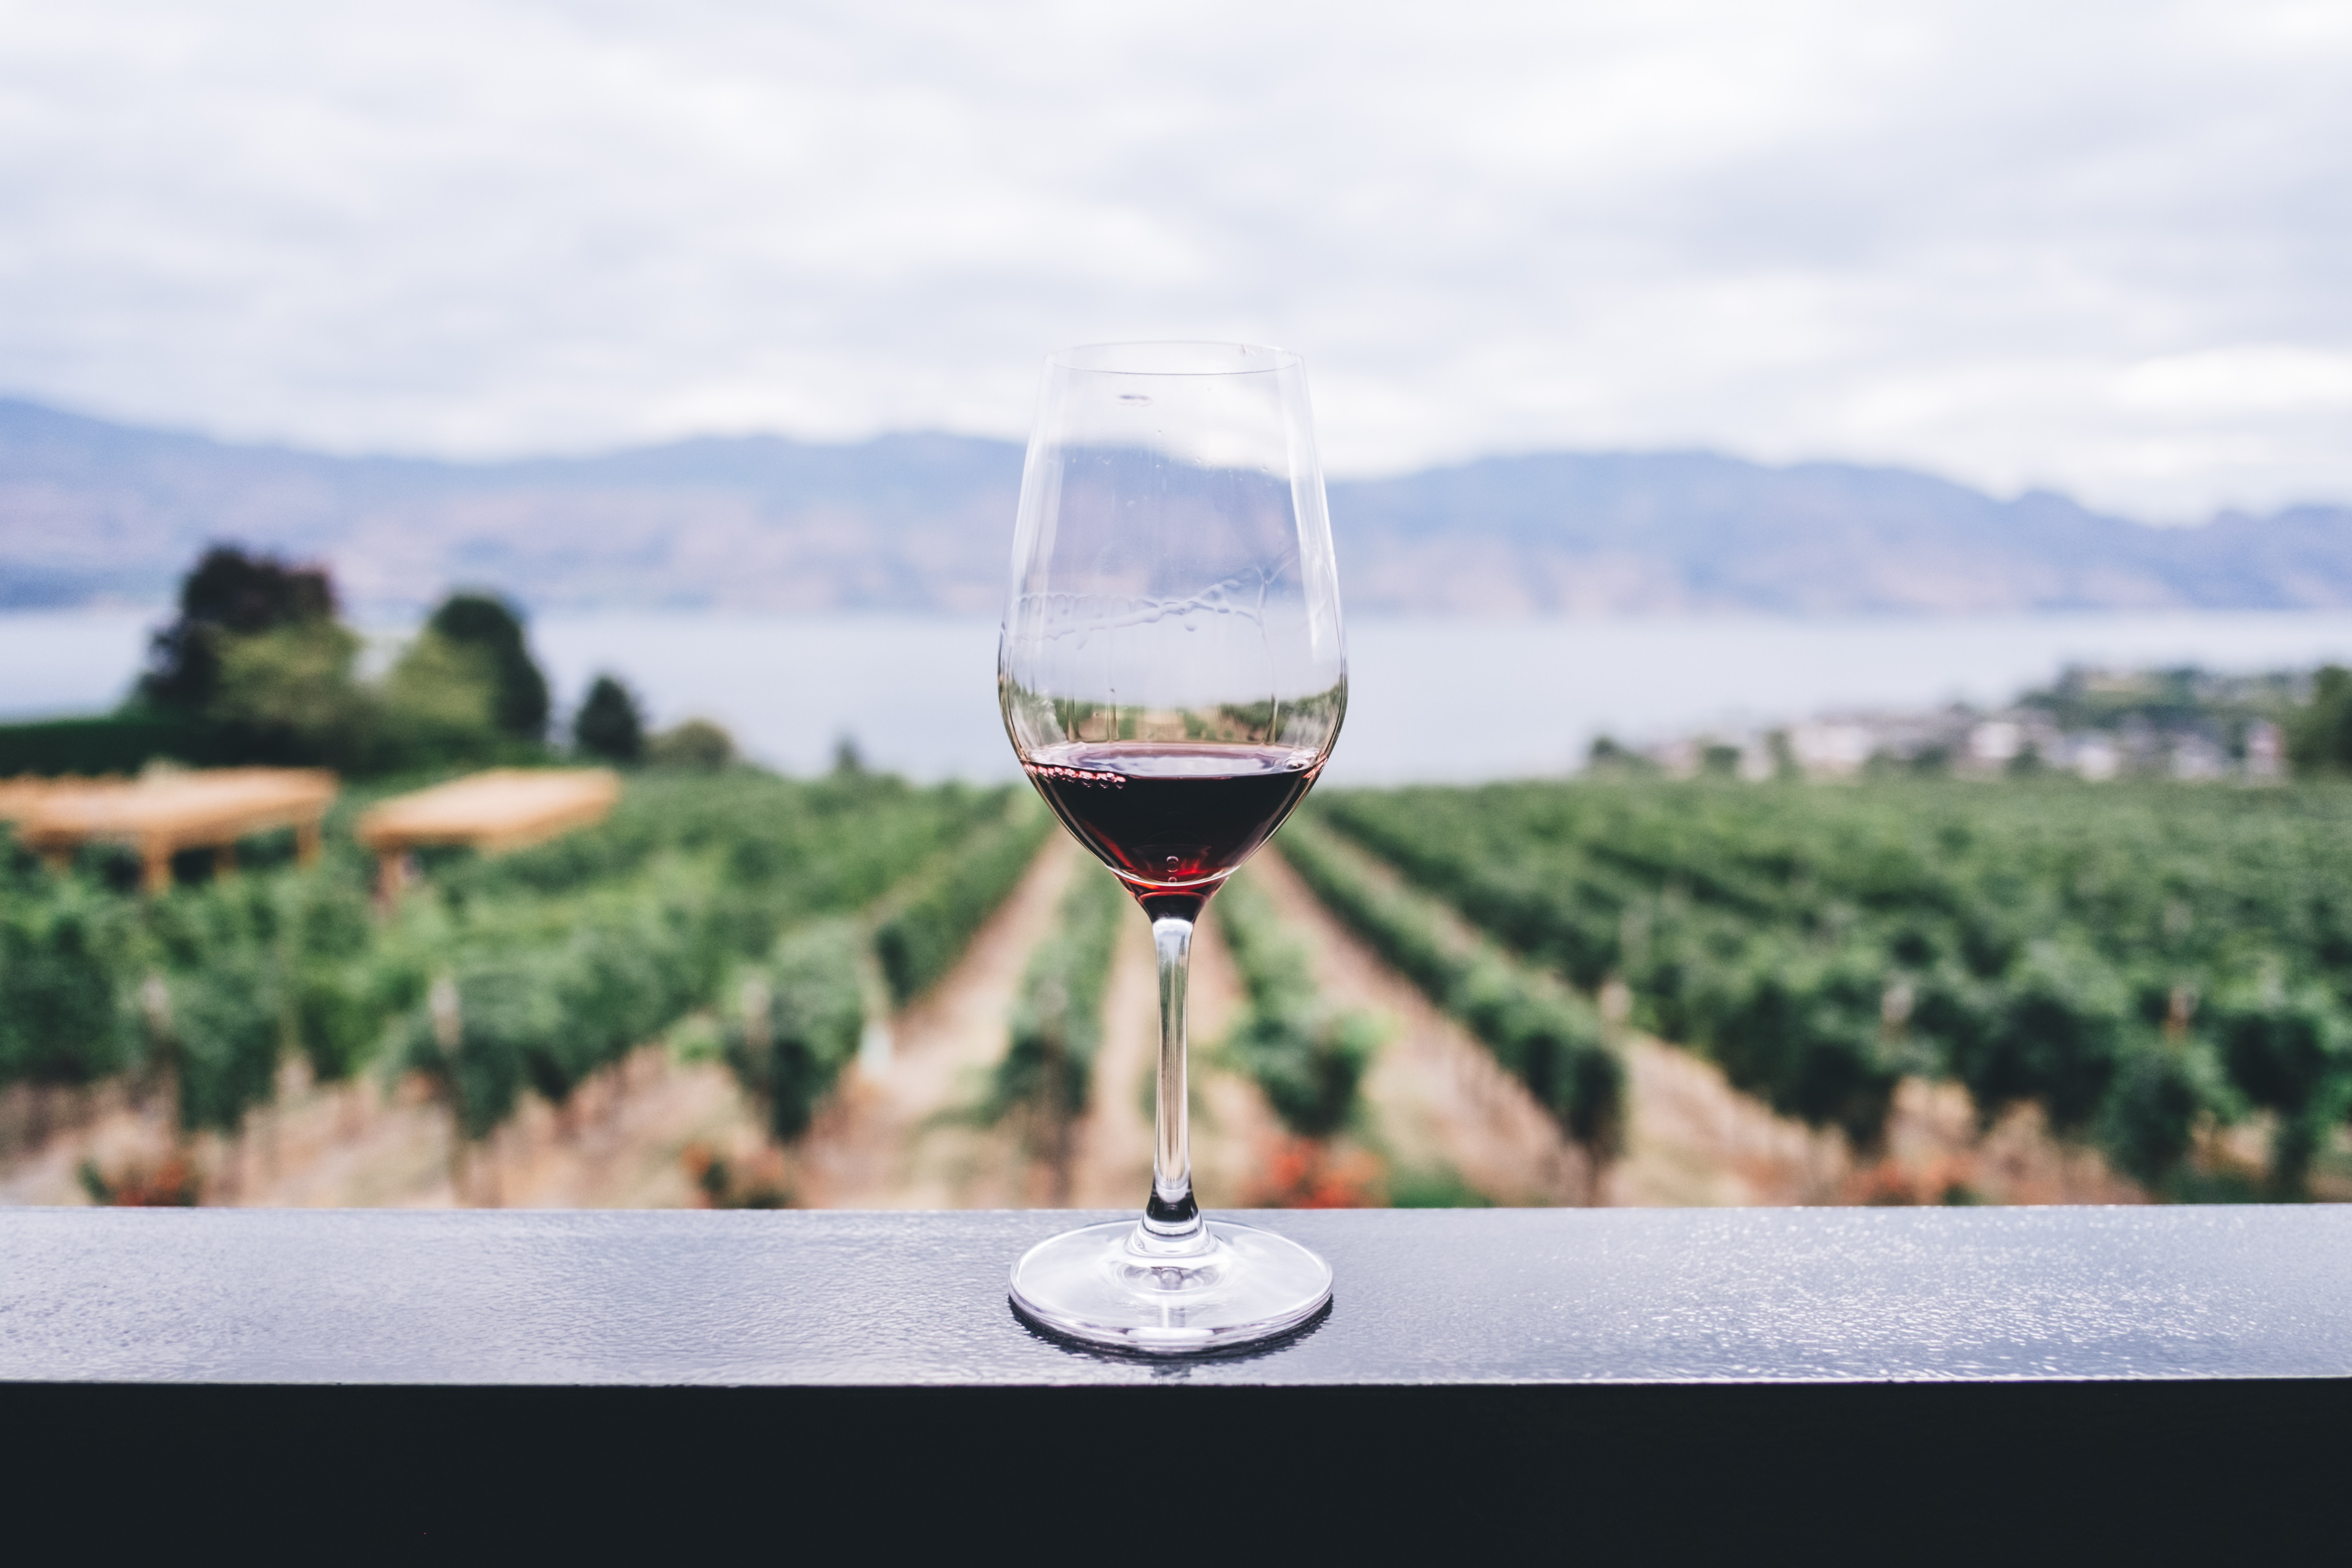 Brand Story: le concept de Mon Vin chez Vous